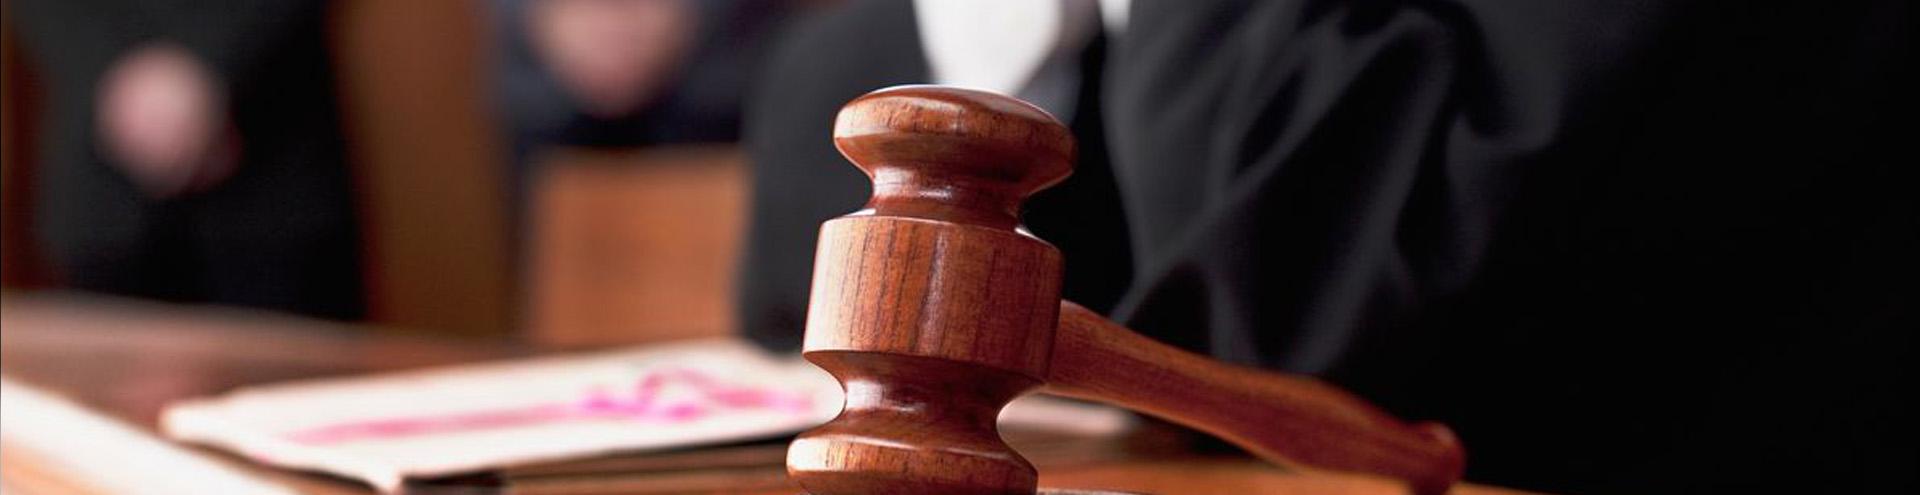 апелляционная жалоба в Самаре и Самарской области